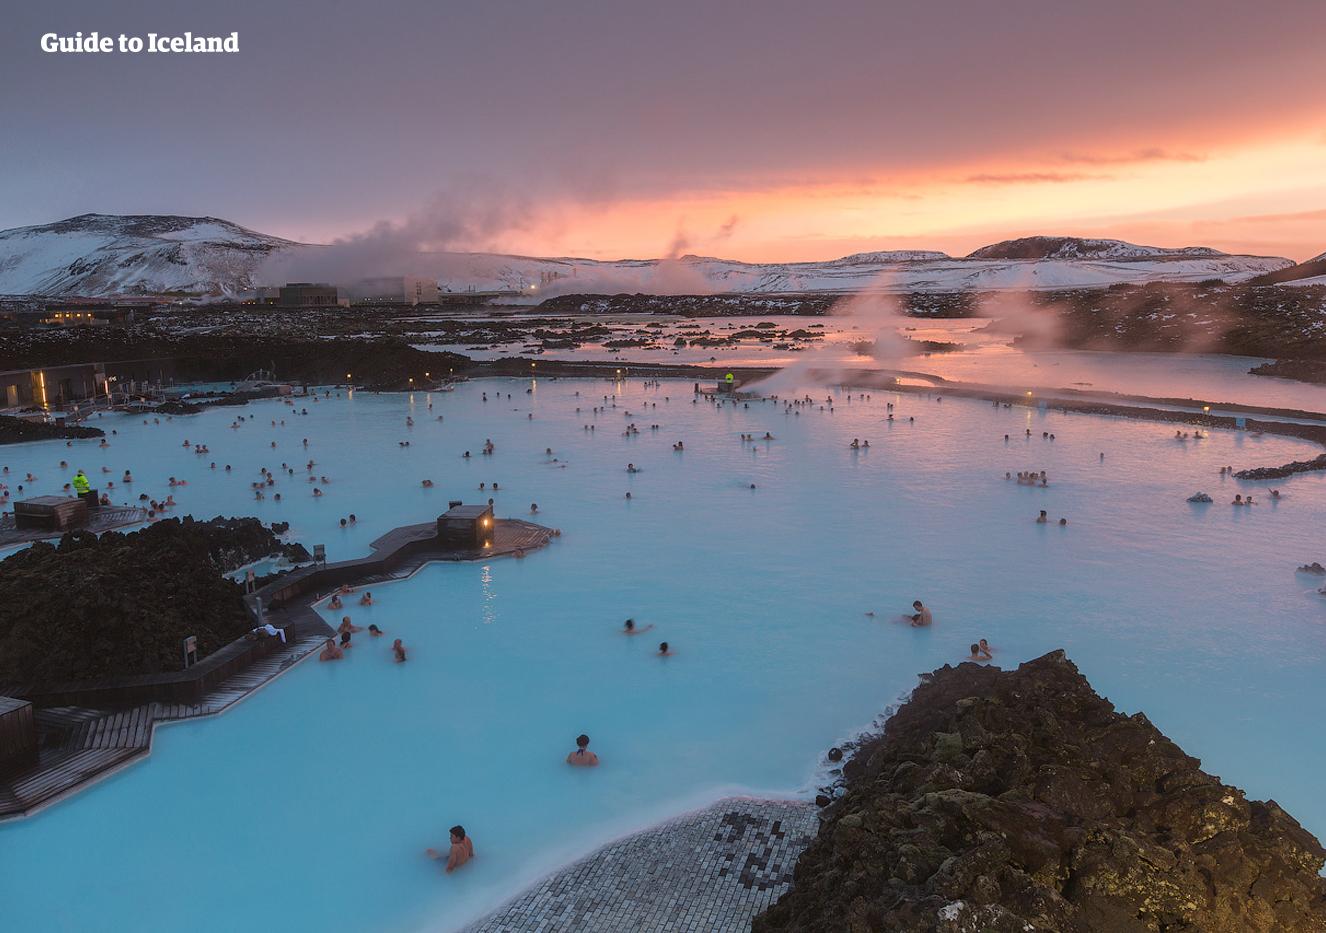 10 dni, samodzielna podróż | Dookoła Islandii zgodnie z ruchem wskazówek zegara - day 1